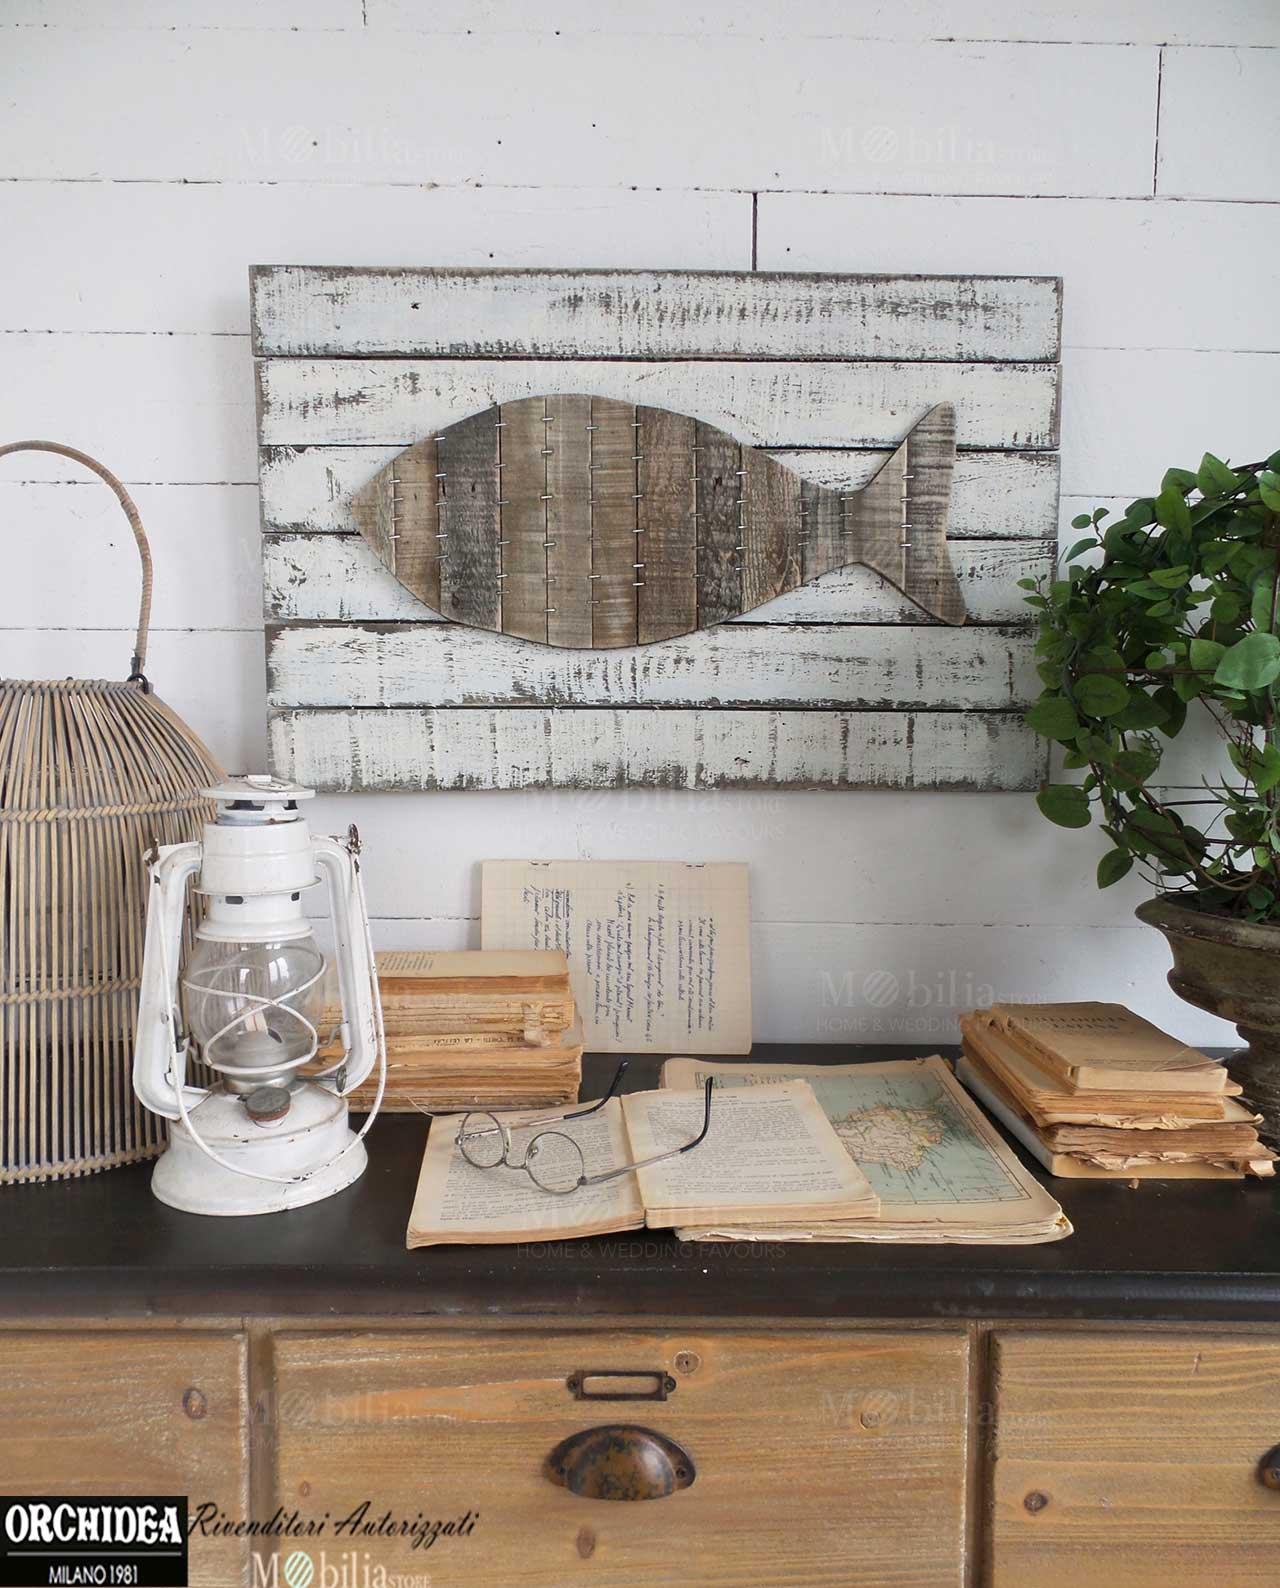 Pannelli decorativi da parete vintage pesce mobilia - Listelli decorativi in legno ...